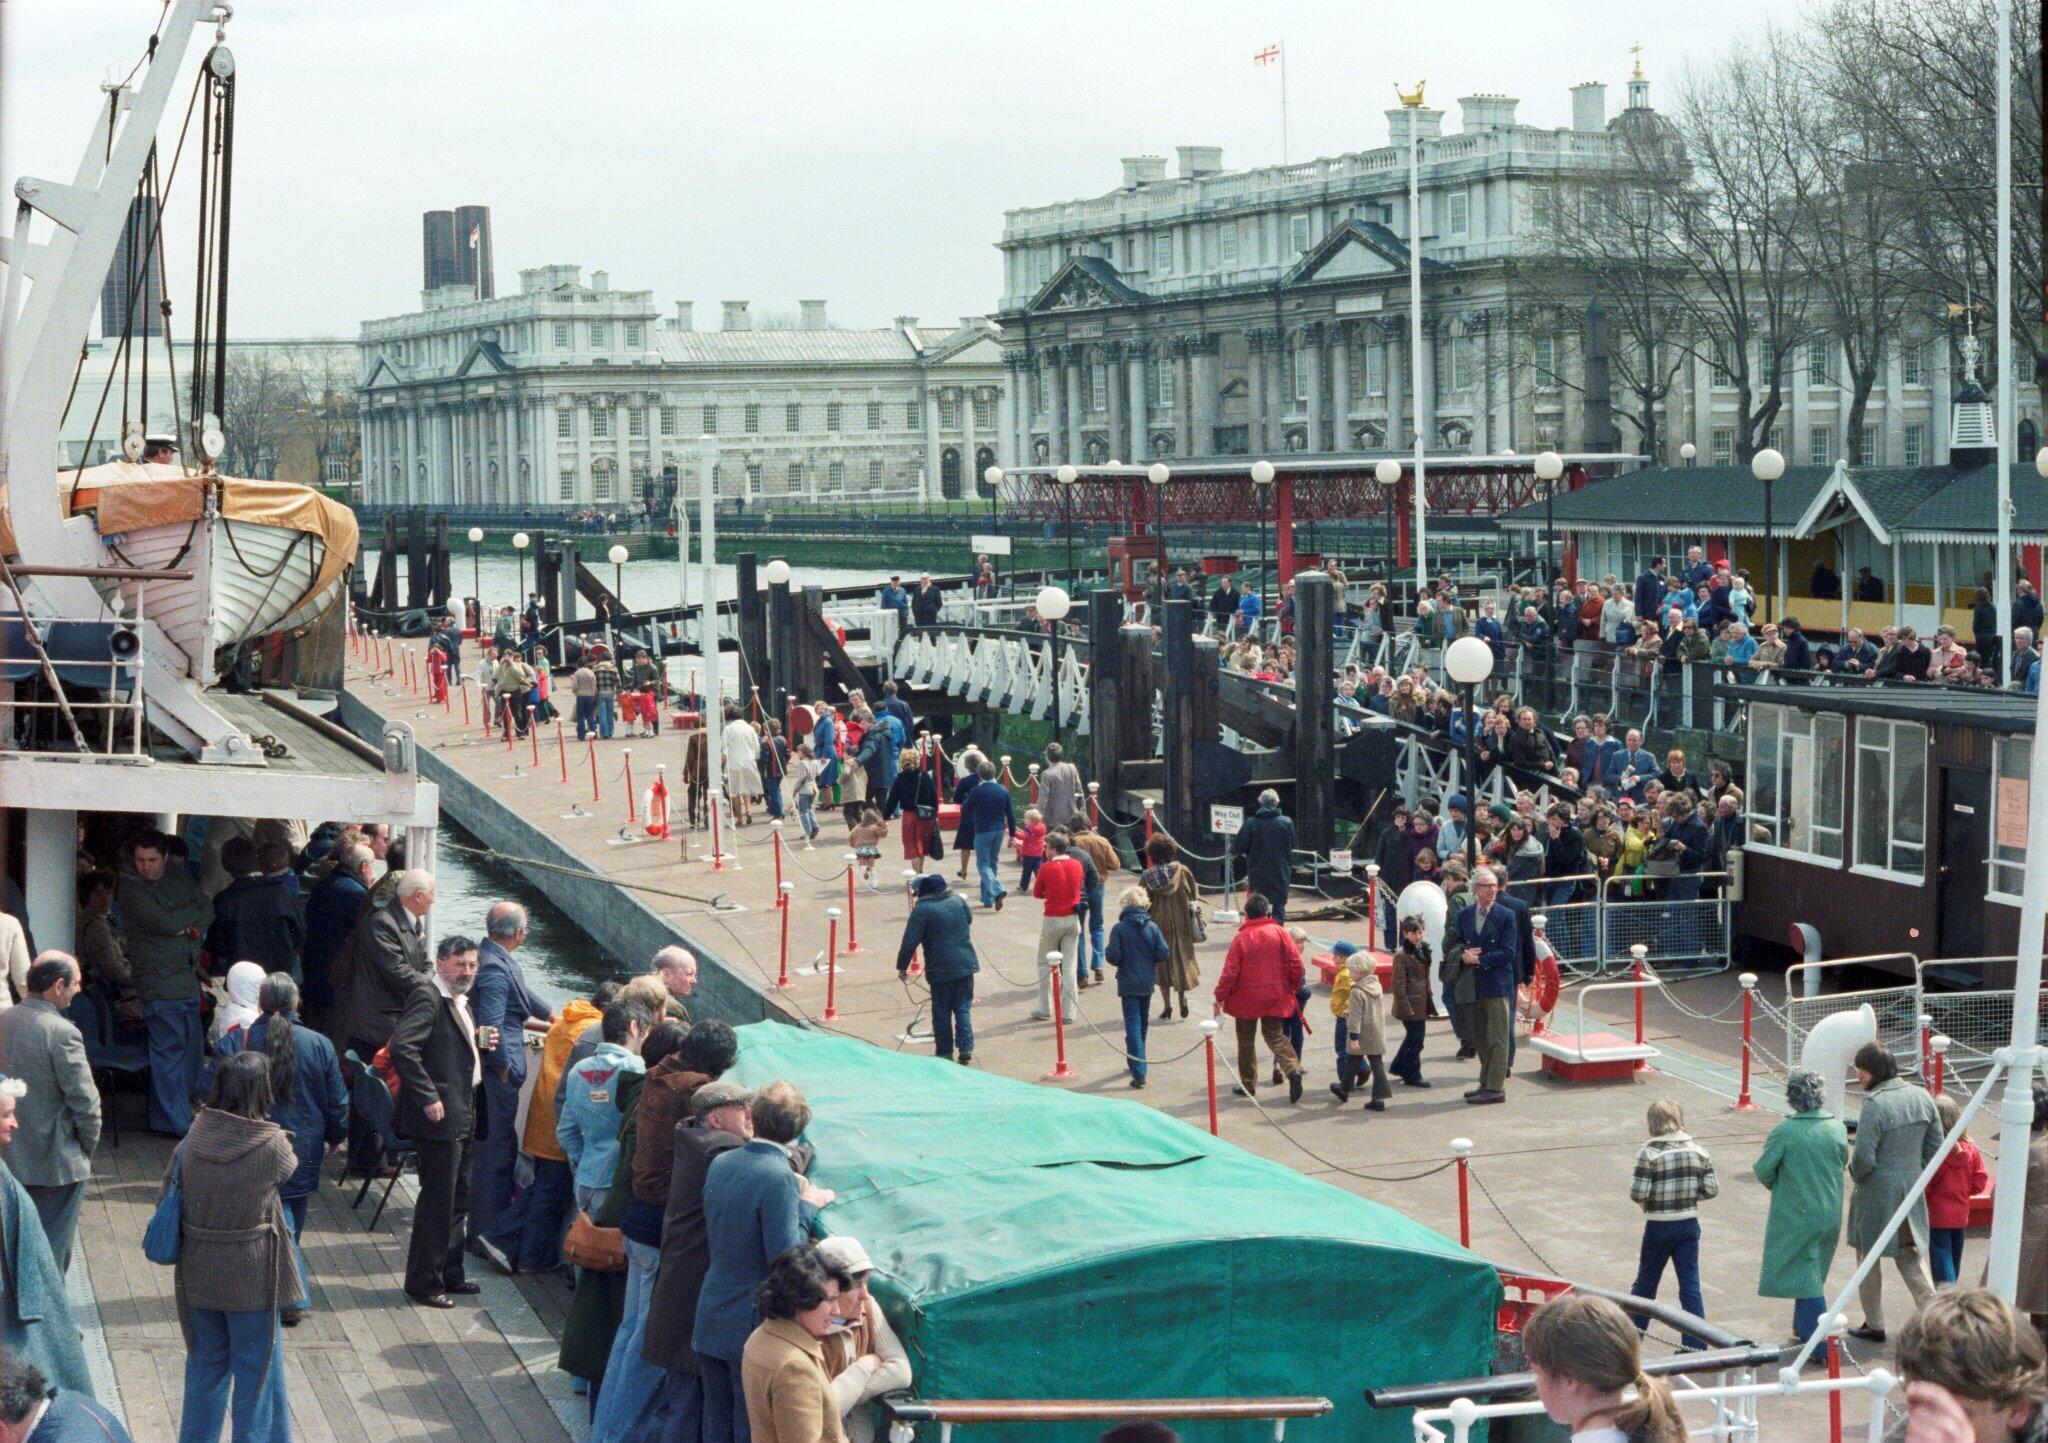 London in 1979